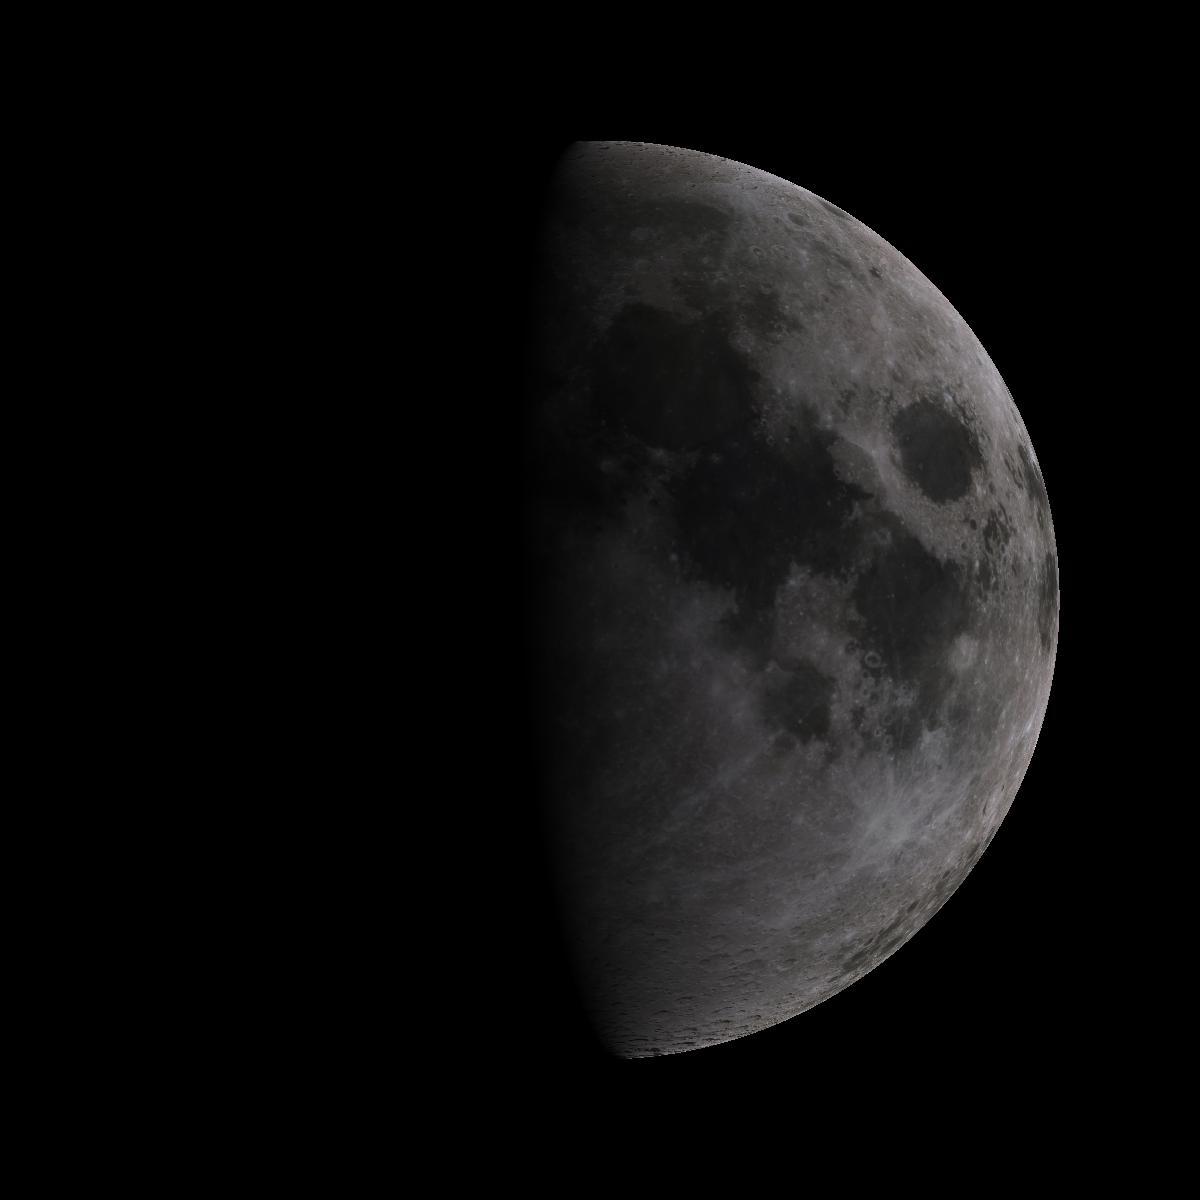 Lune du 7 septembre 2019